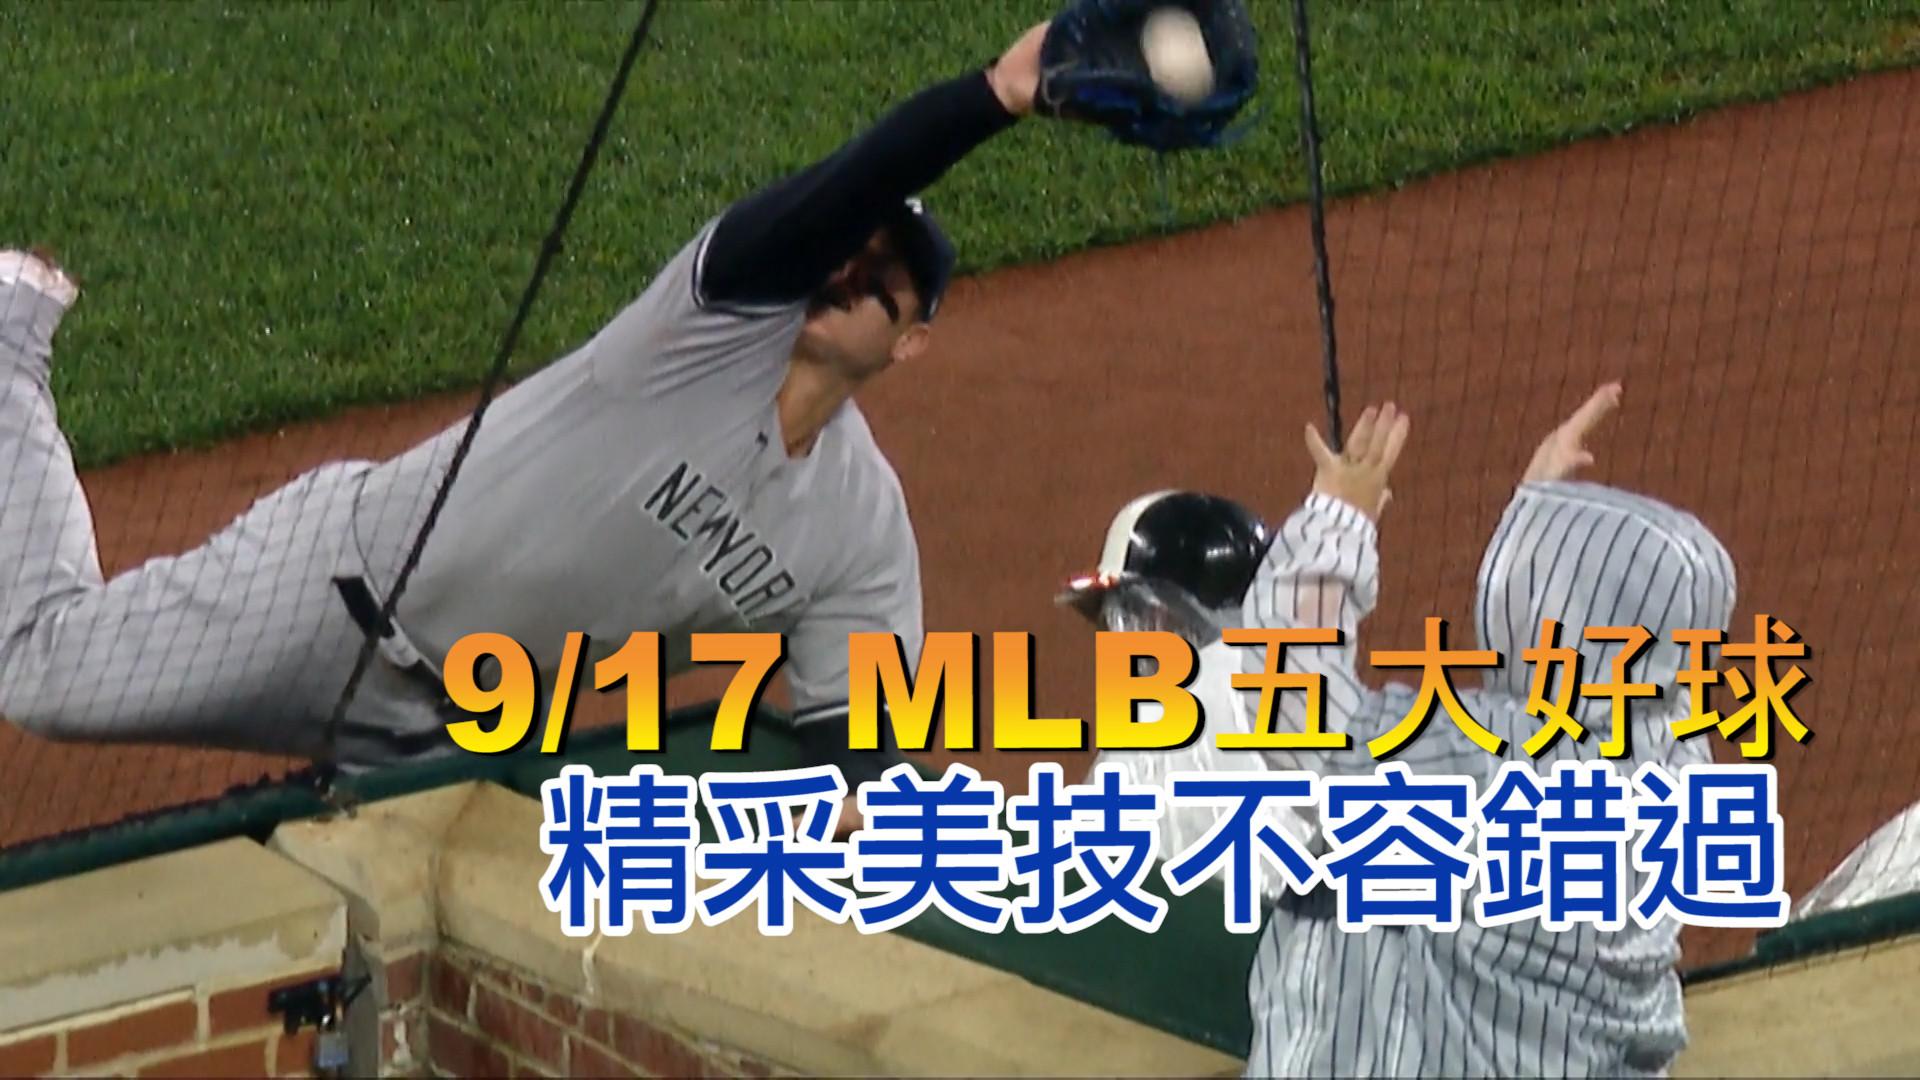 【MLB看愛爾達】MLB頂尖五大好球 精采美技不容錯過 9/17